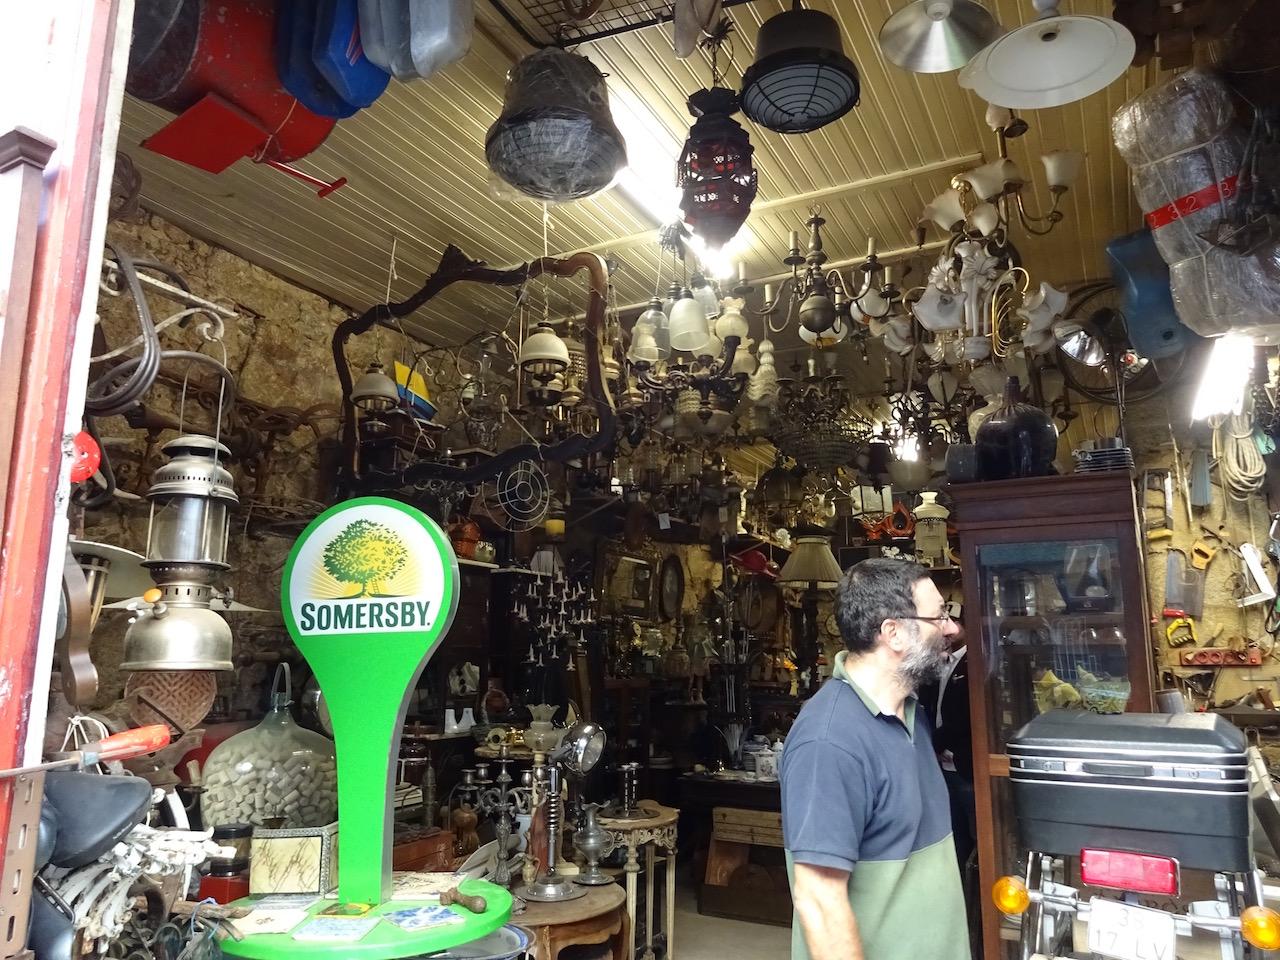 ein ( Trödel) Baumarkt im alten Stil